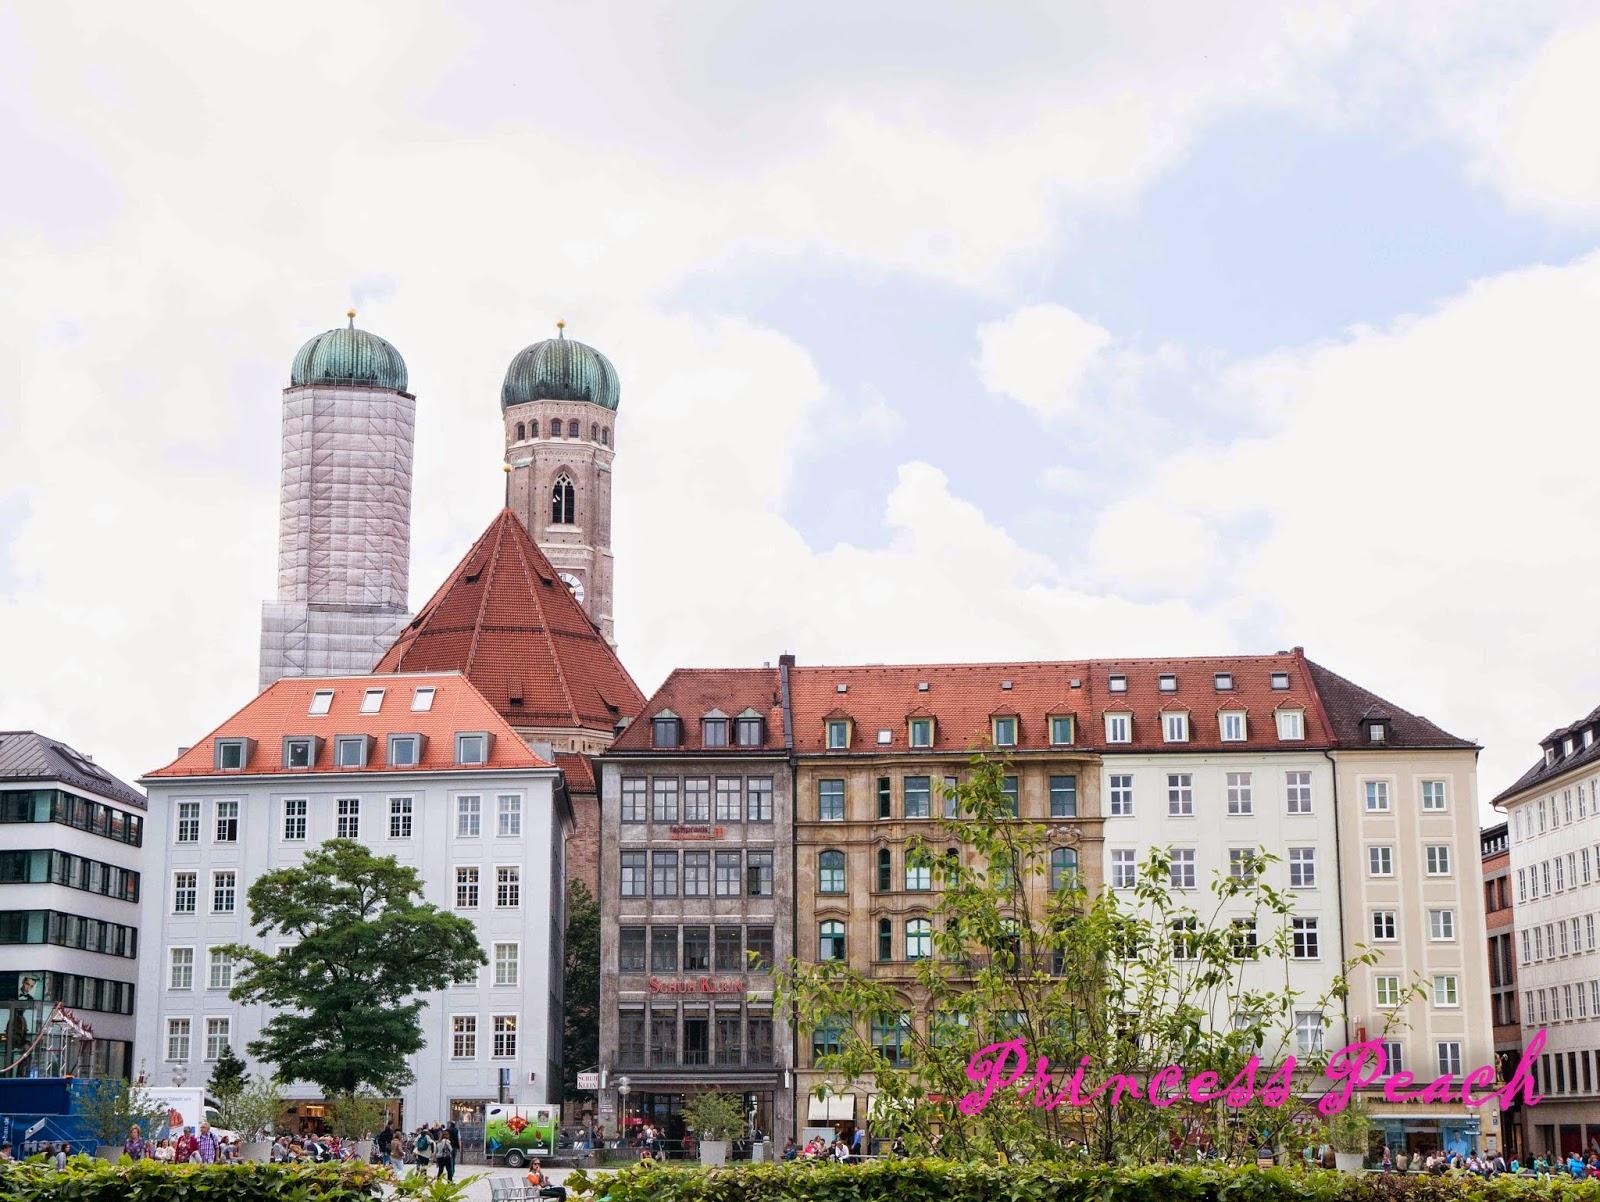 慕尼黑聖母主教座堂